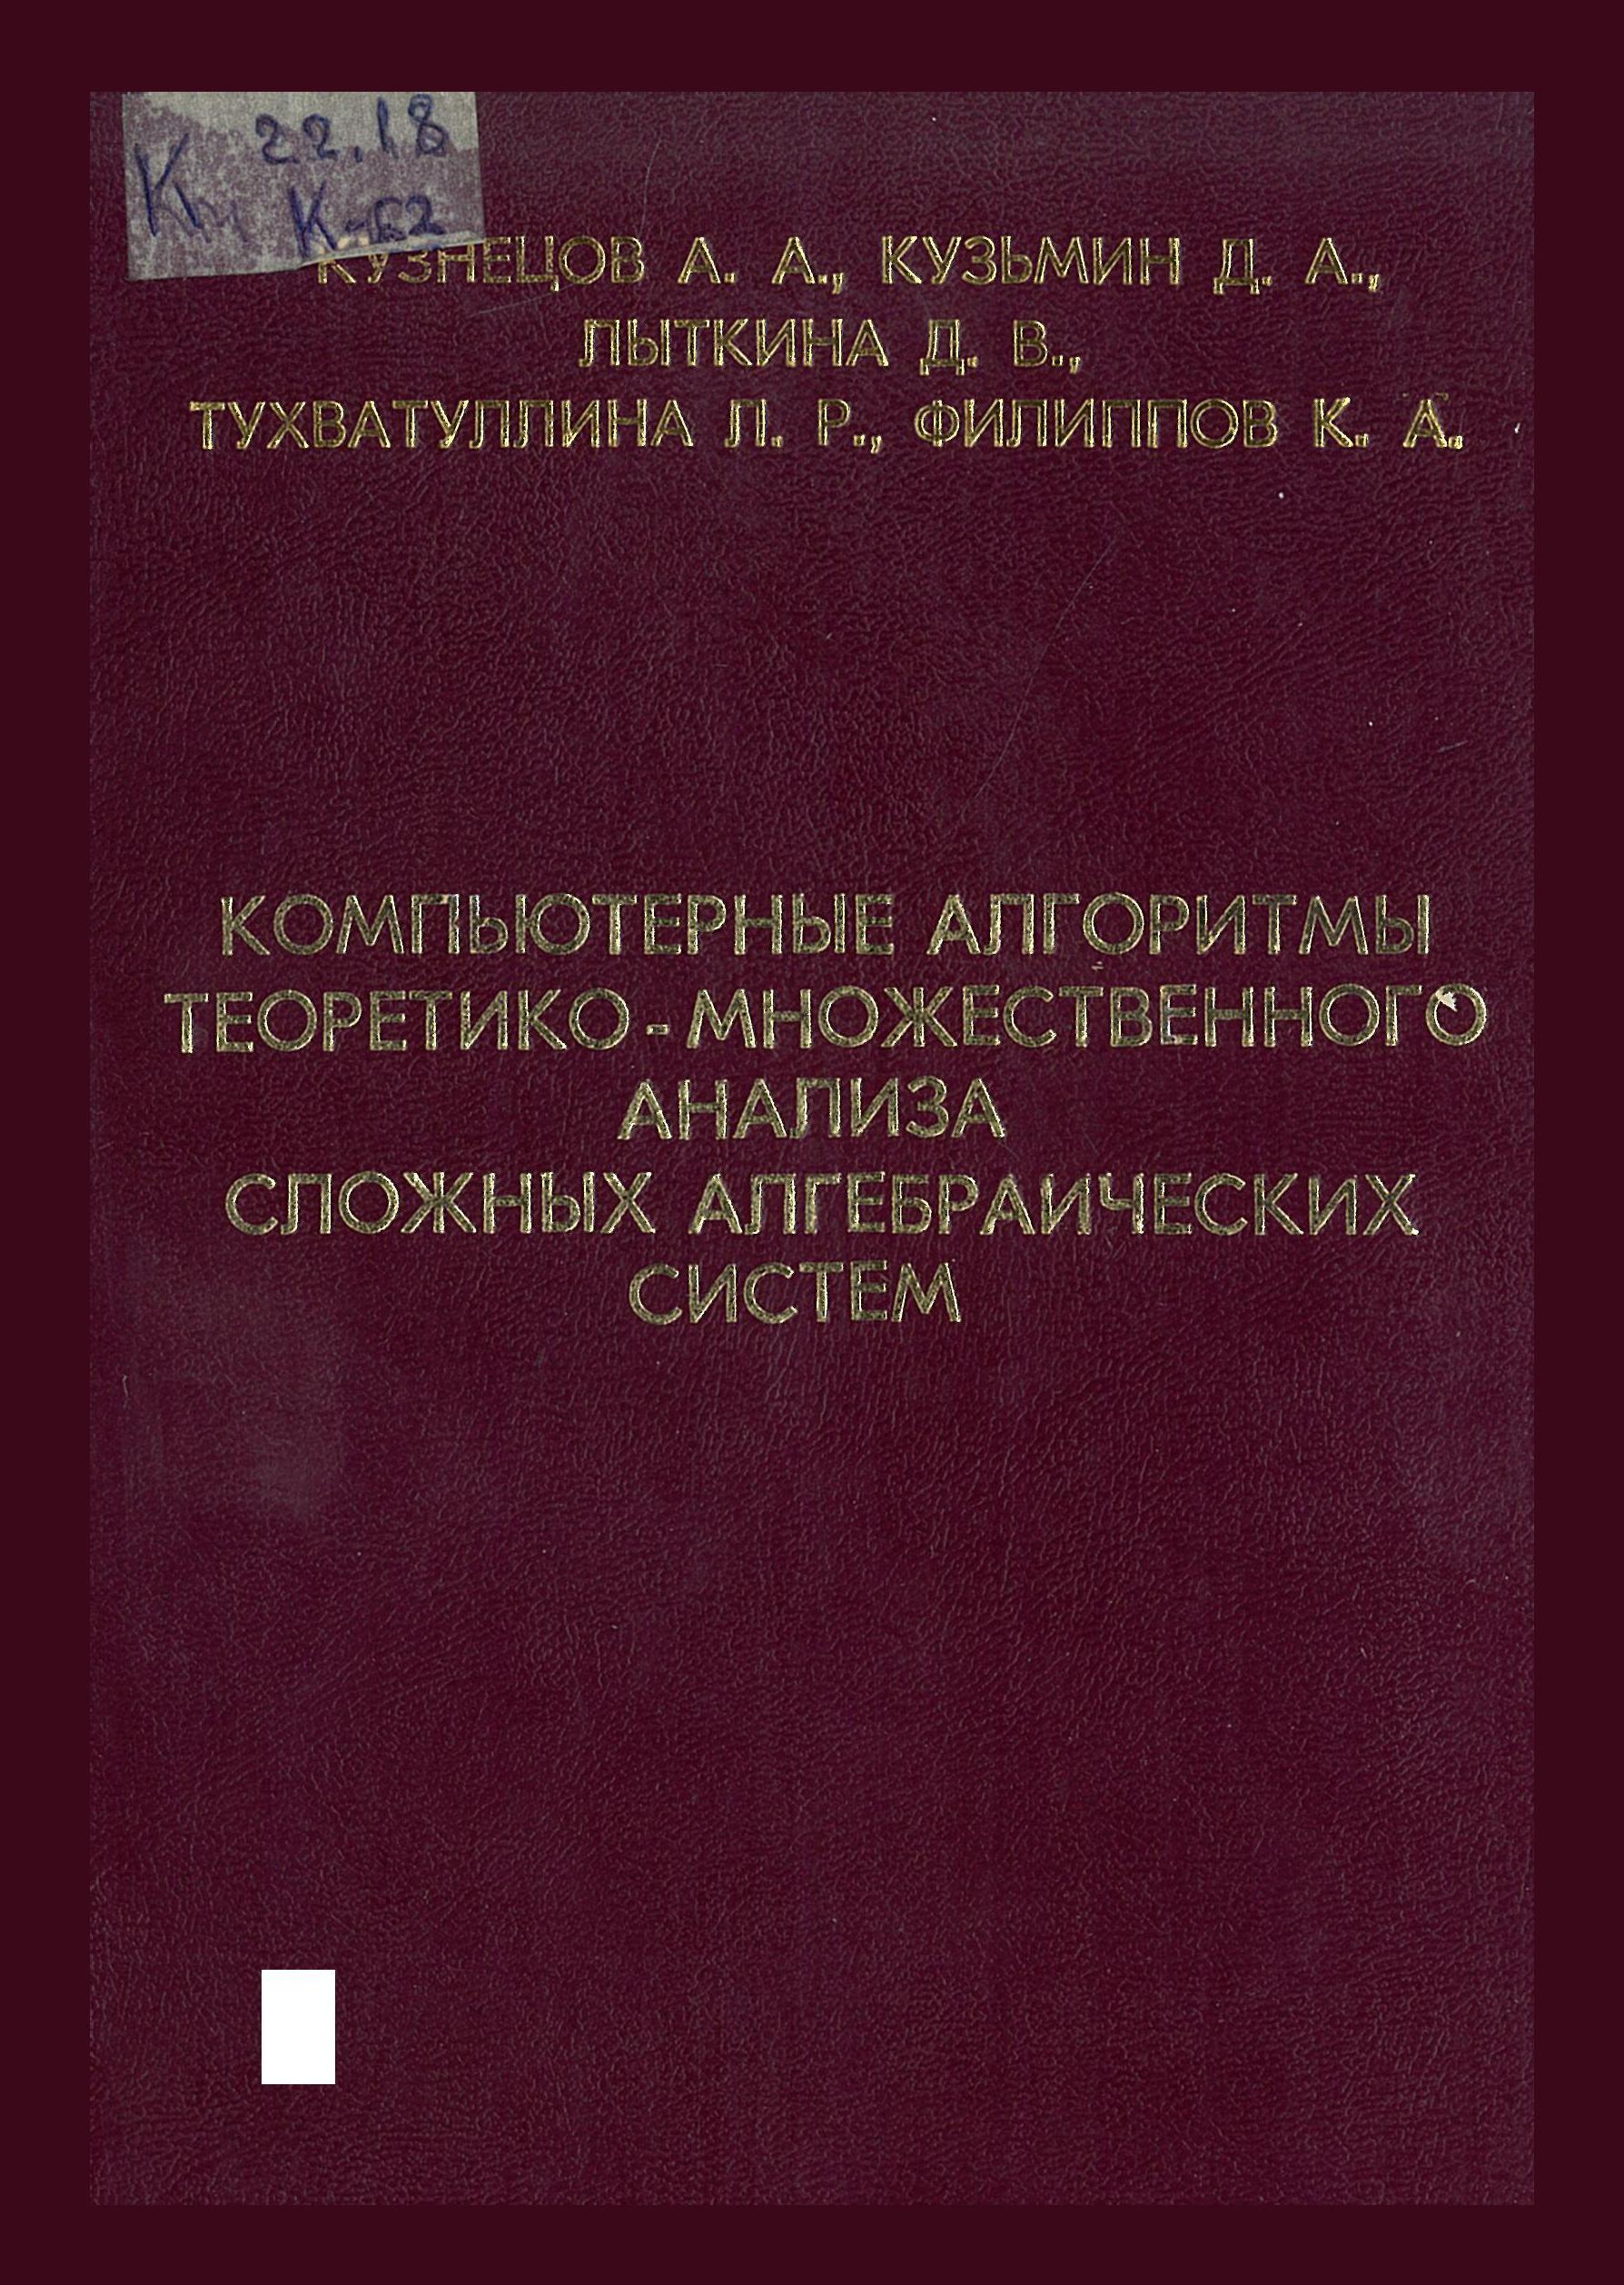 А. А. Кузнецов Компьютерные алгоритмы теоретико-множественного анализа сложных алгебраических систем